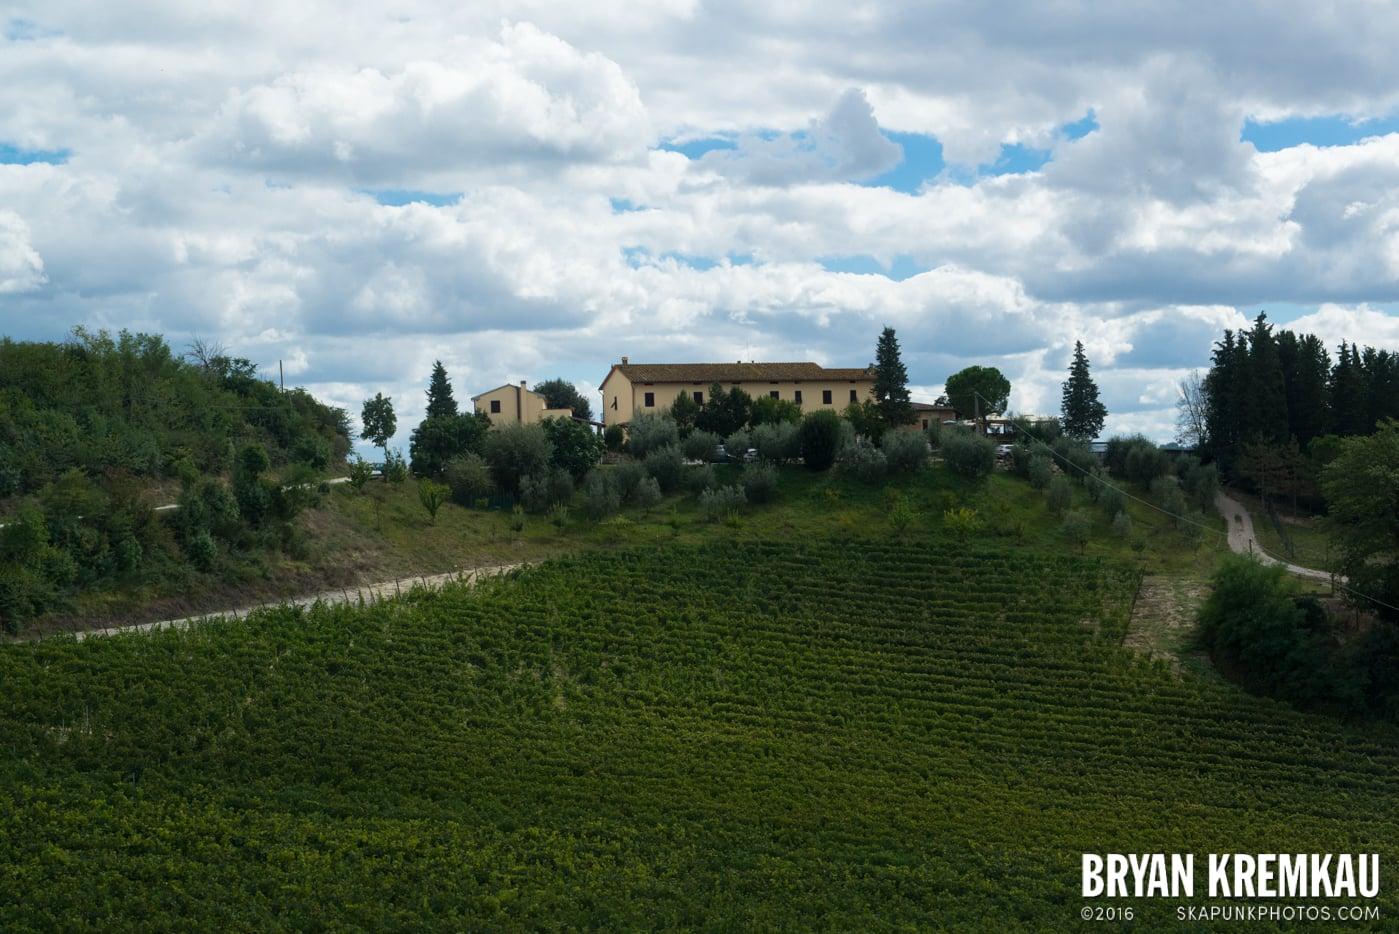 Italy Vacation - Day 8: Siena, San Gimignano, Chianti, Pisa - 9.16.13 (79)